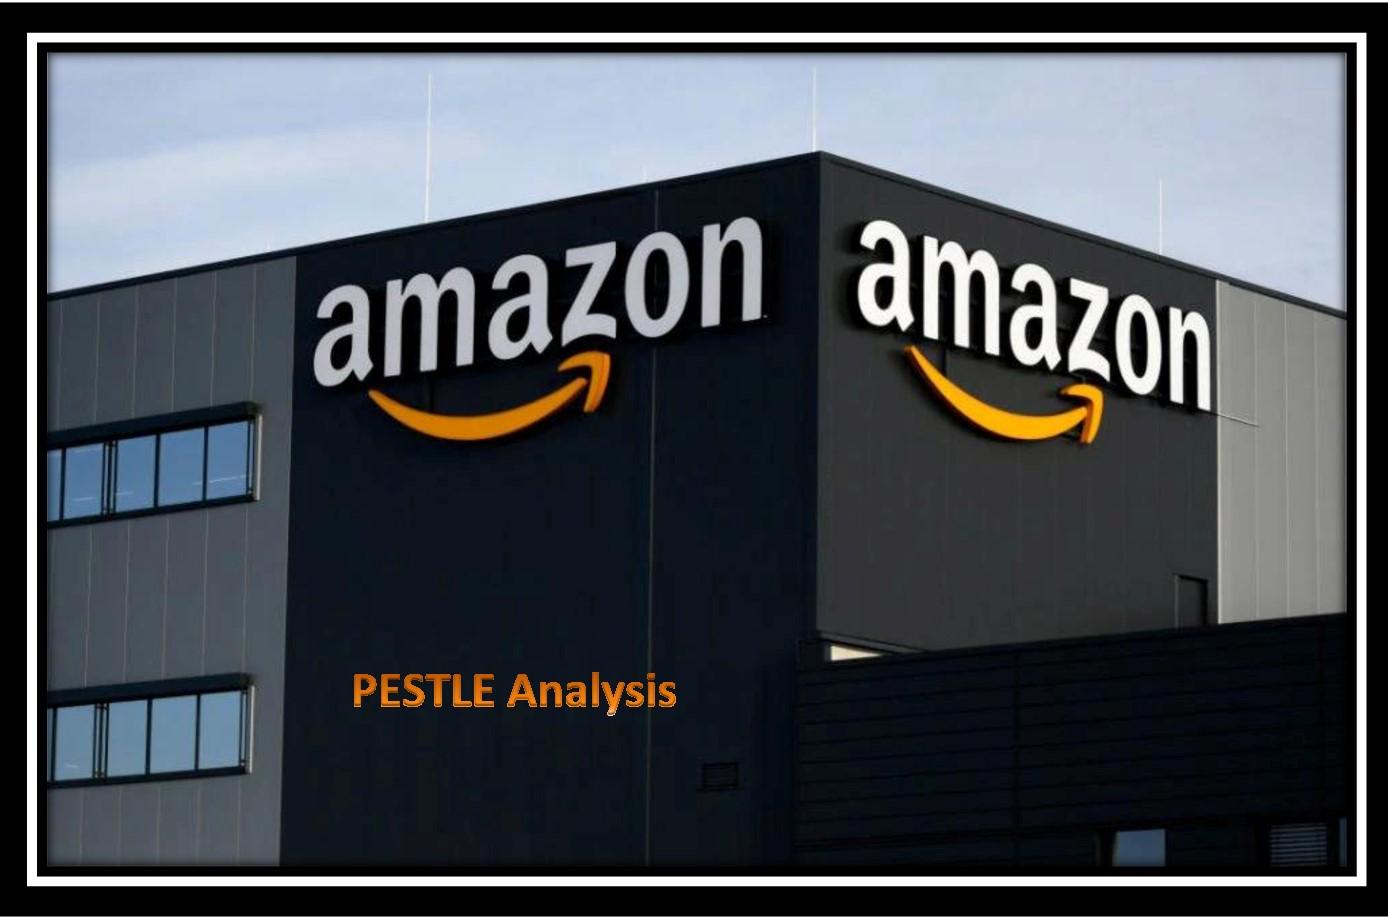 Amazon PESTLE Analysis